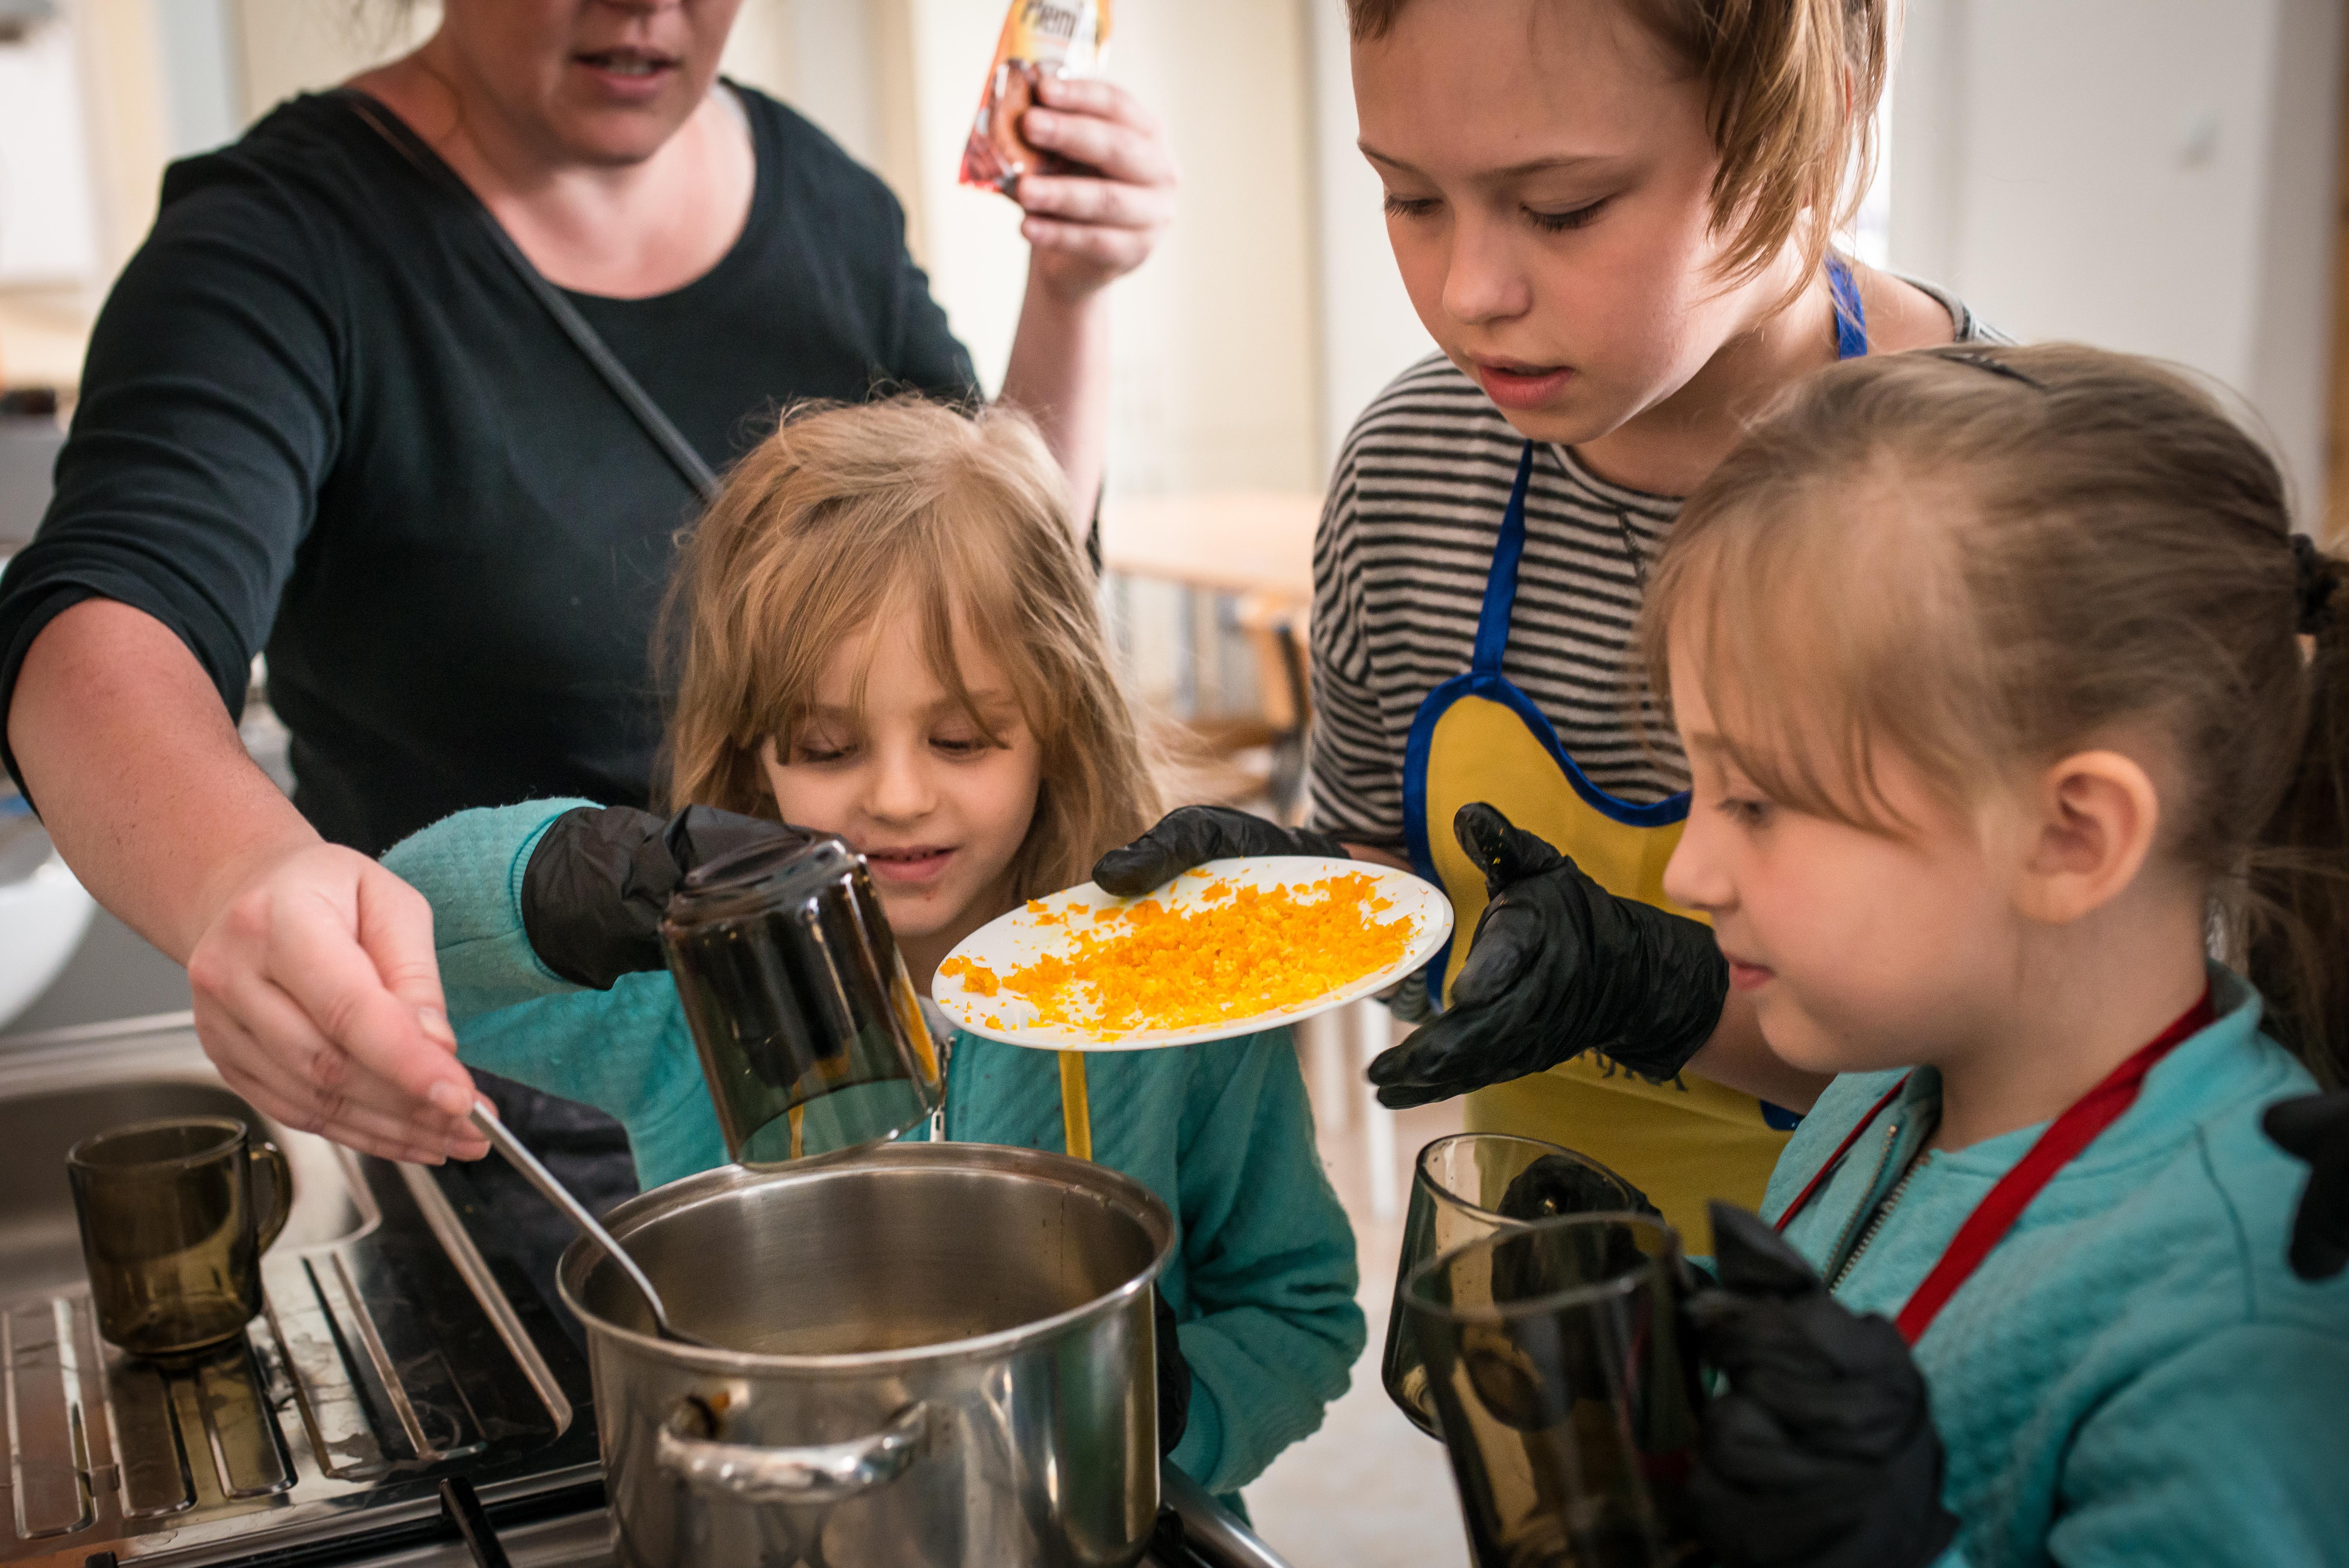 Lublin ze smakiem. Smaki naszych pradziadków - warsztaty kulinarne dla dzieci